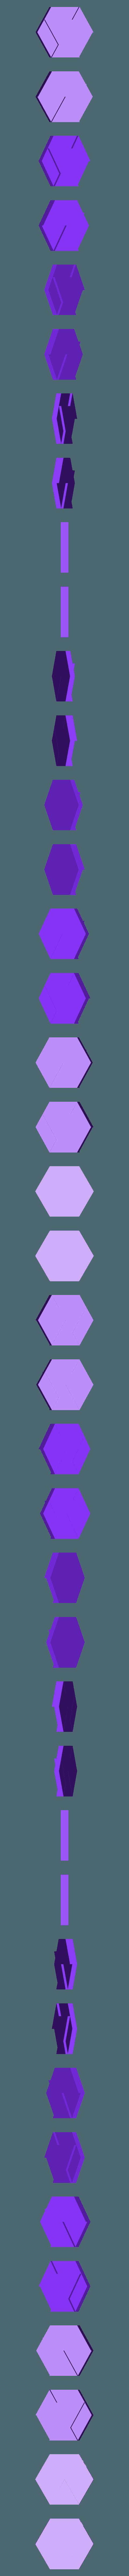 Minimal_Hexagon_STL.stl Télécharger fichier STL gratuit Hexagone minimal • Design imprimable en 3D, Isi8Bit